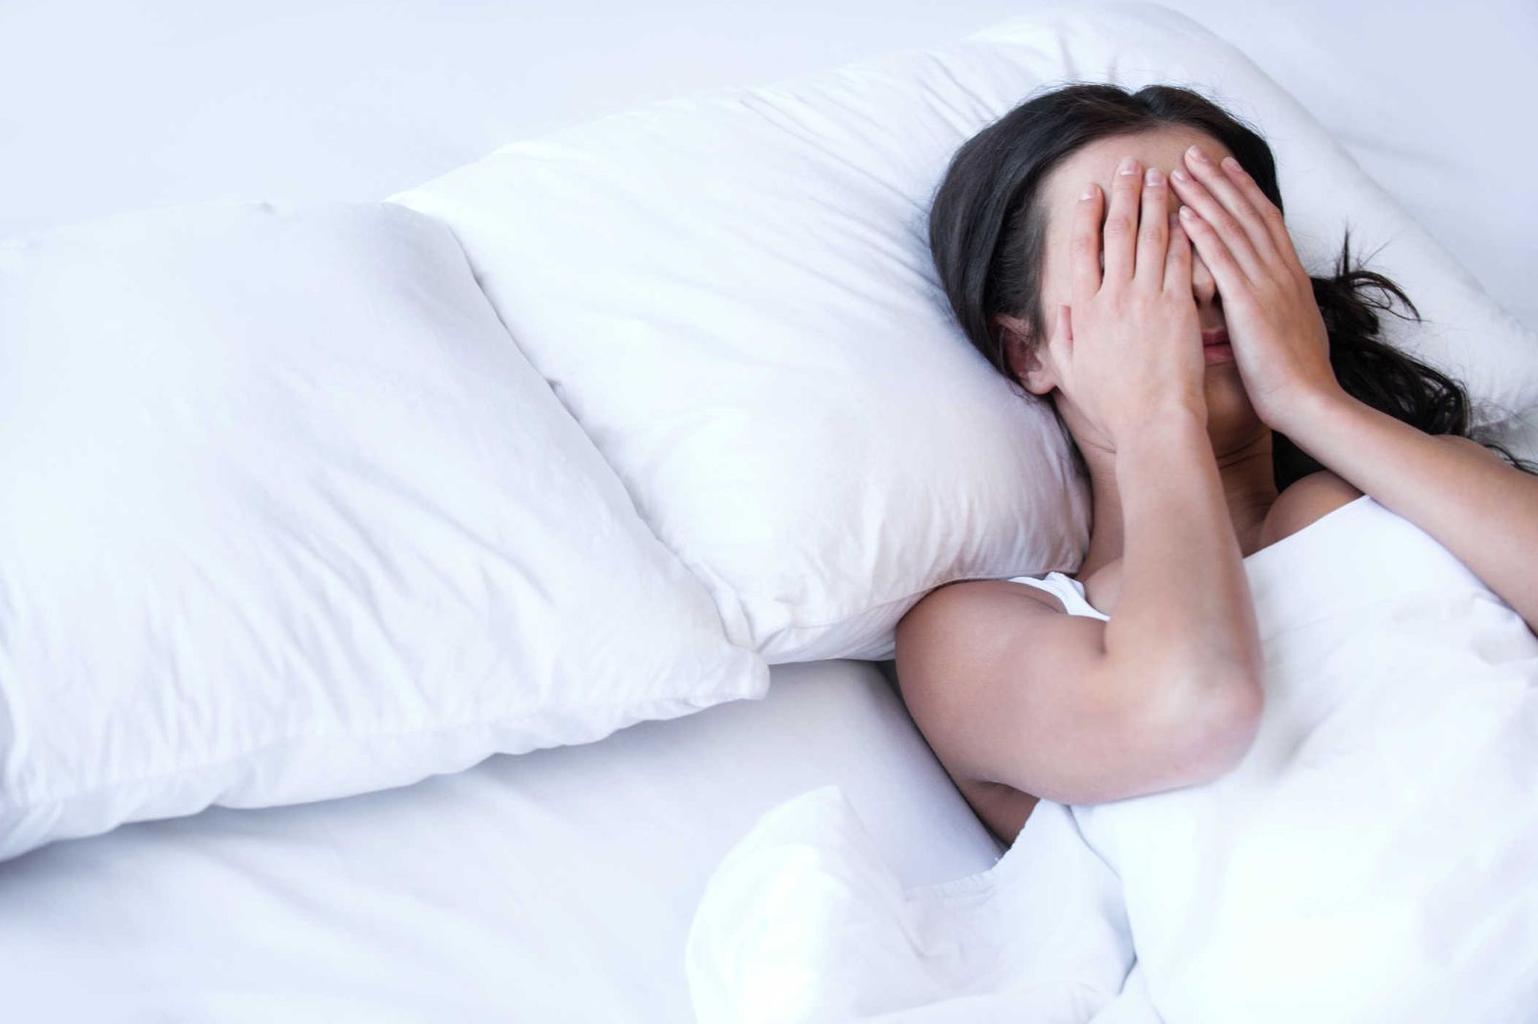 Gửi những người phụ nữ còn đang loay hoay trong khổ đau: Cuộc đời ngắn, đừng nghĩ dài! - Ảnh 5